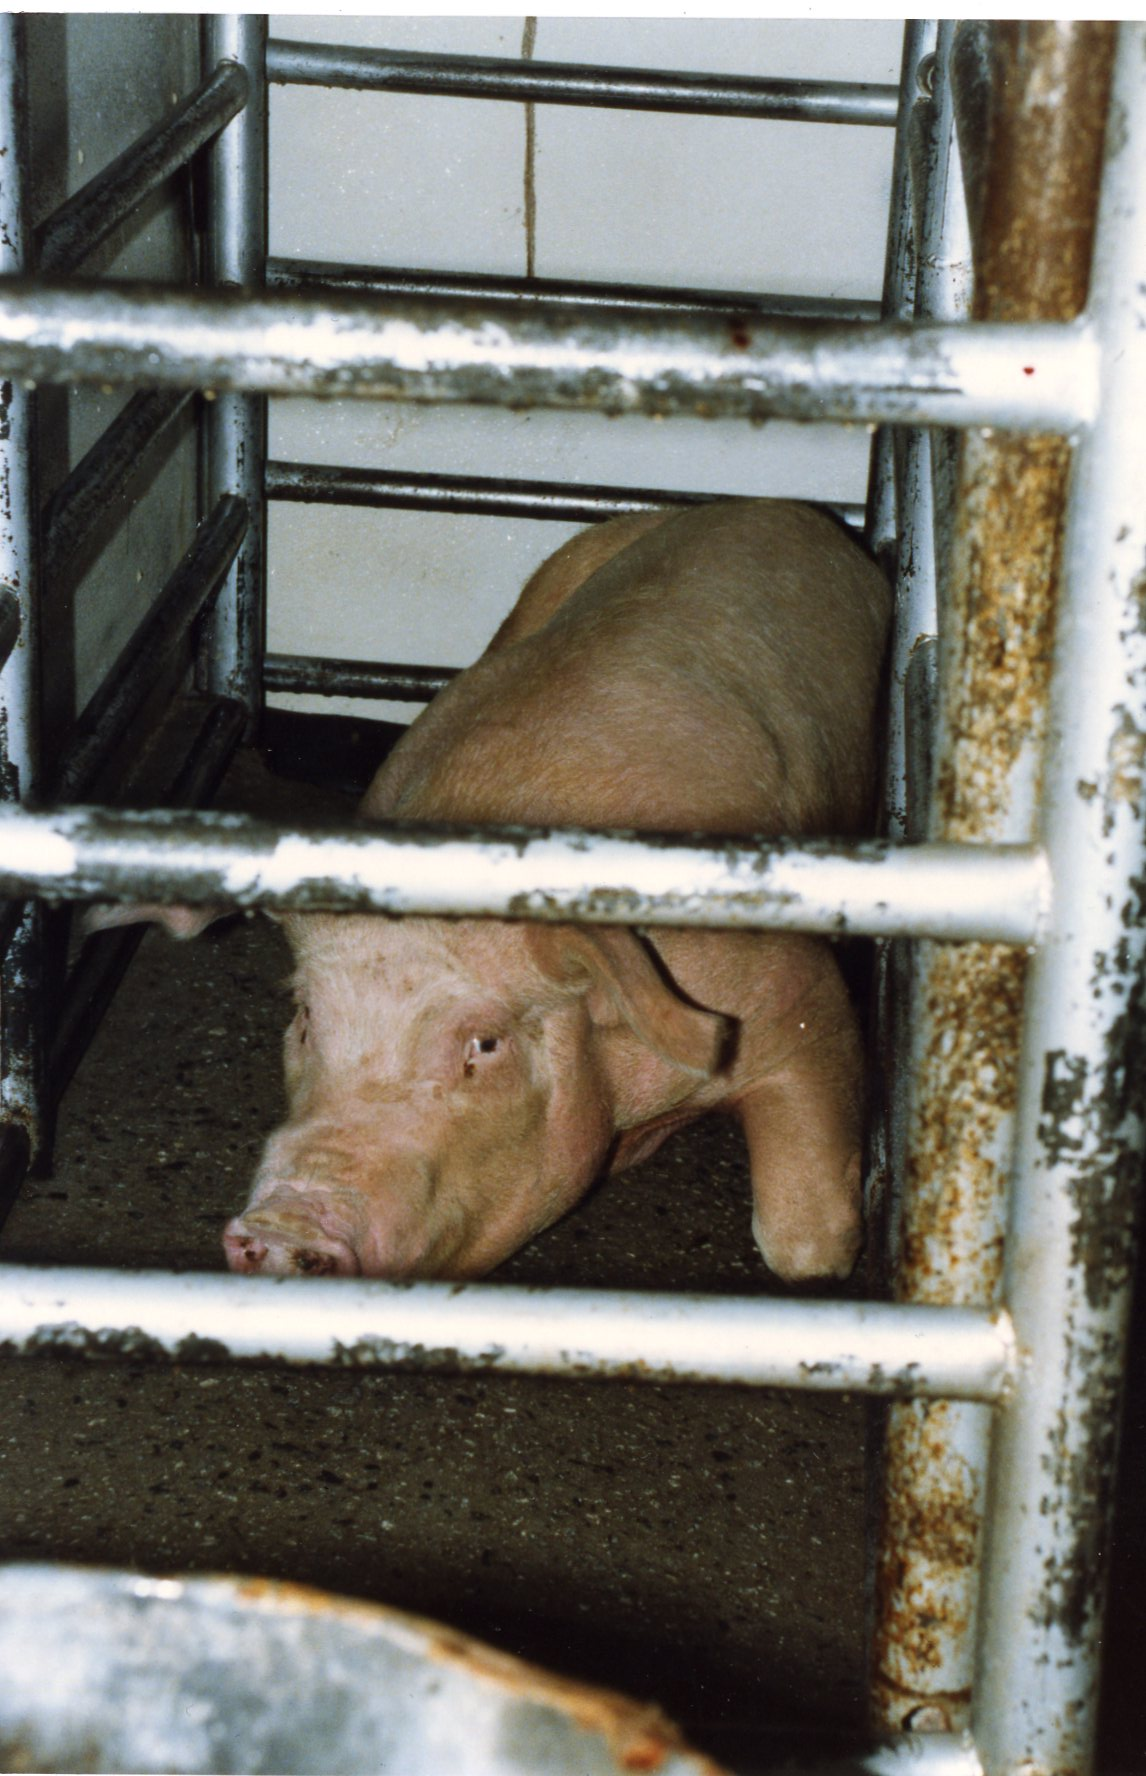 工厂化养殖场的动物不断地被喂食药品